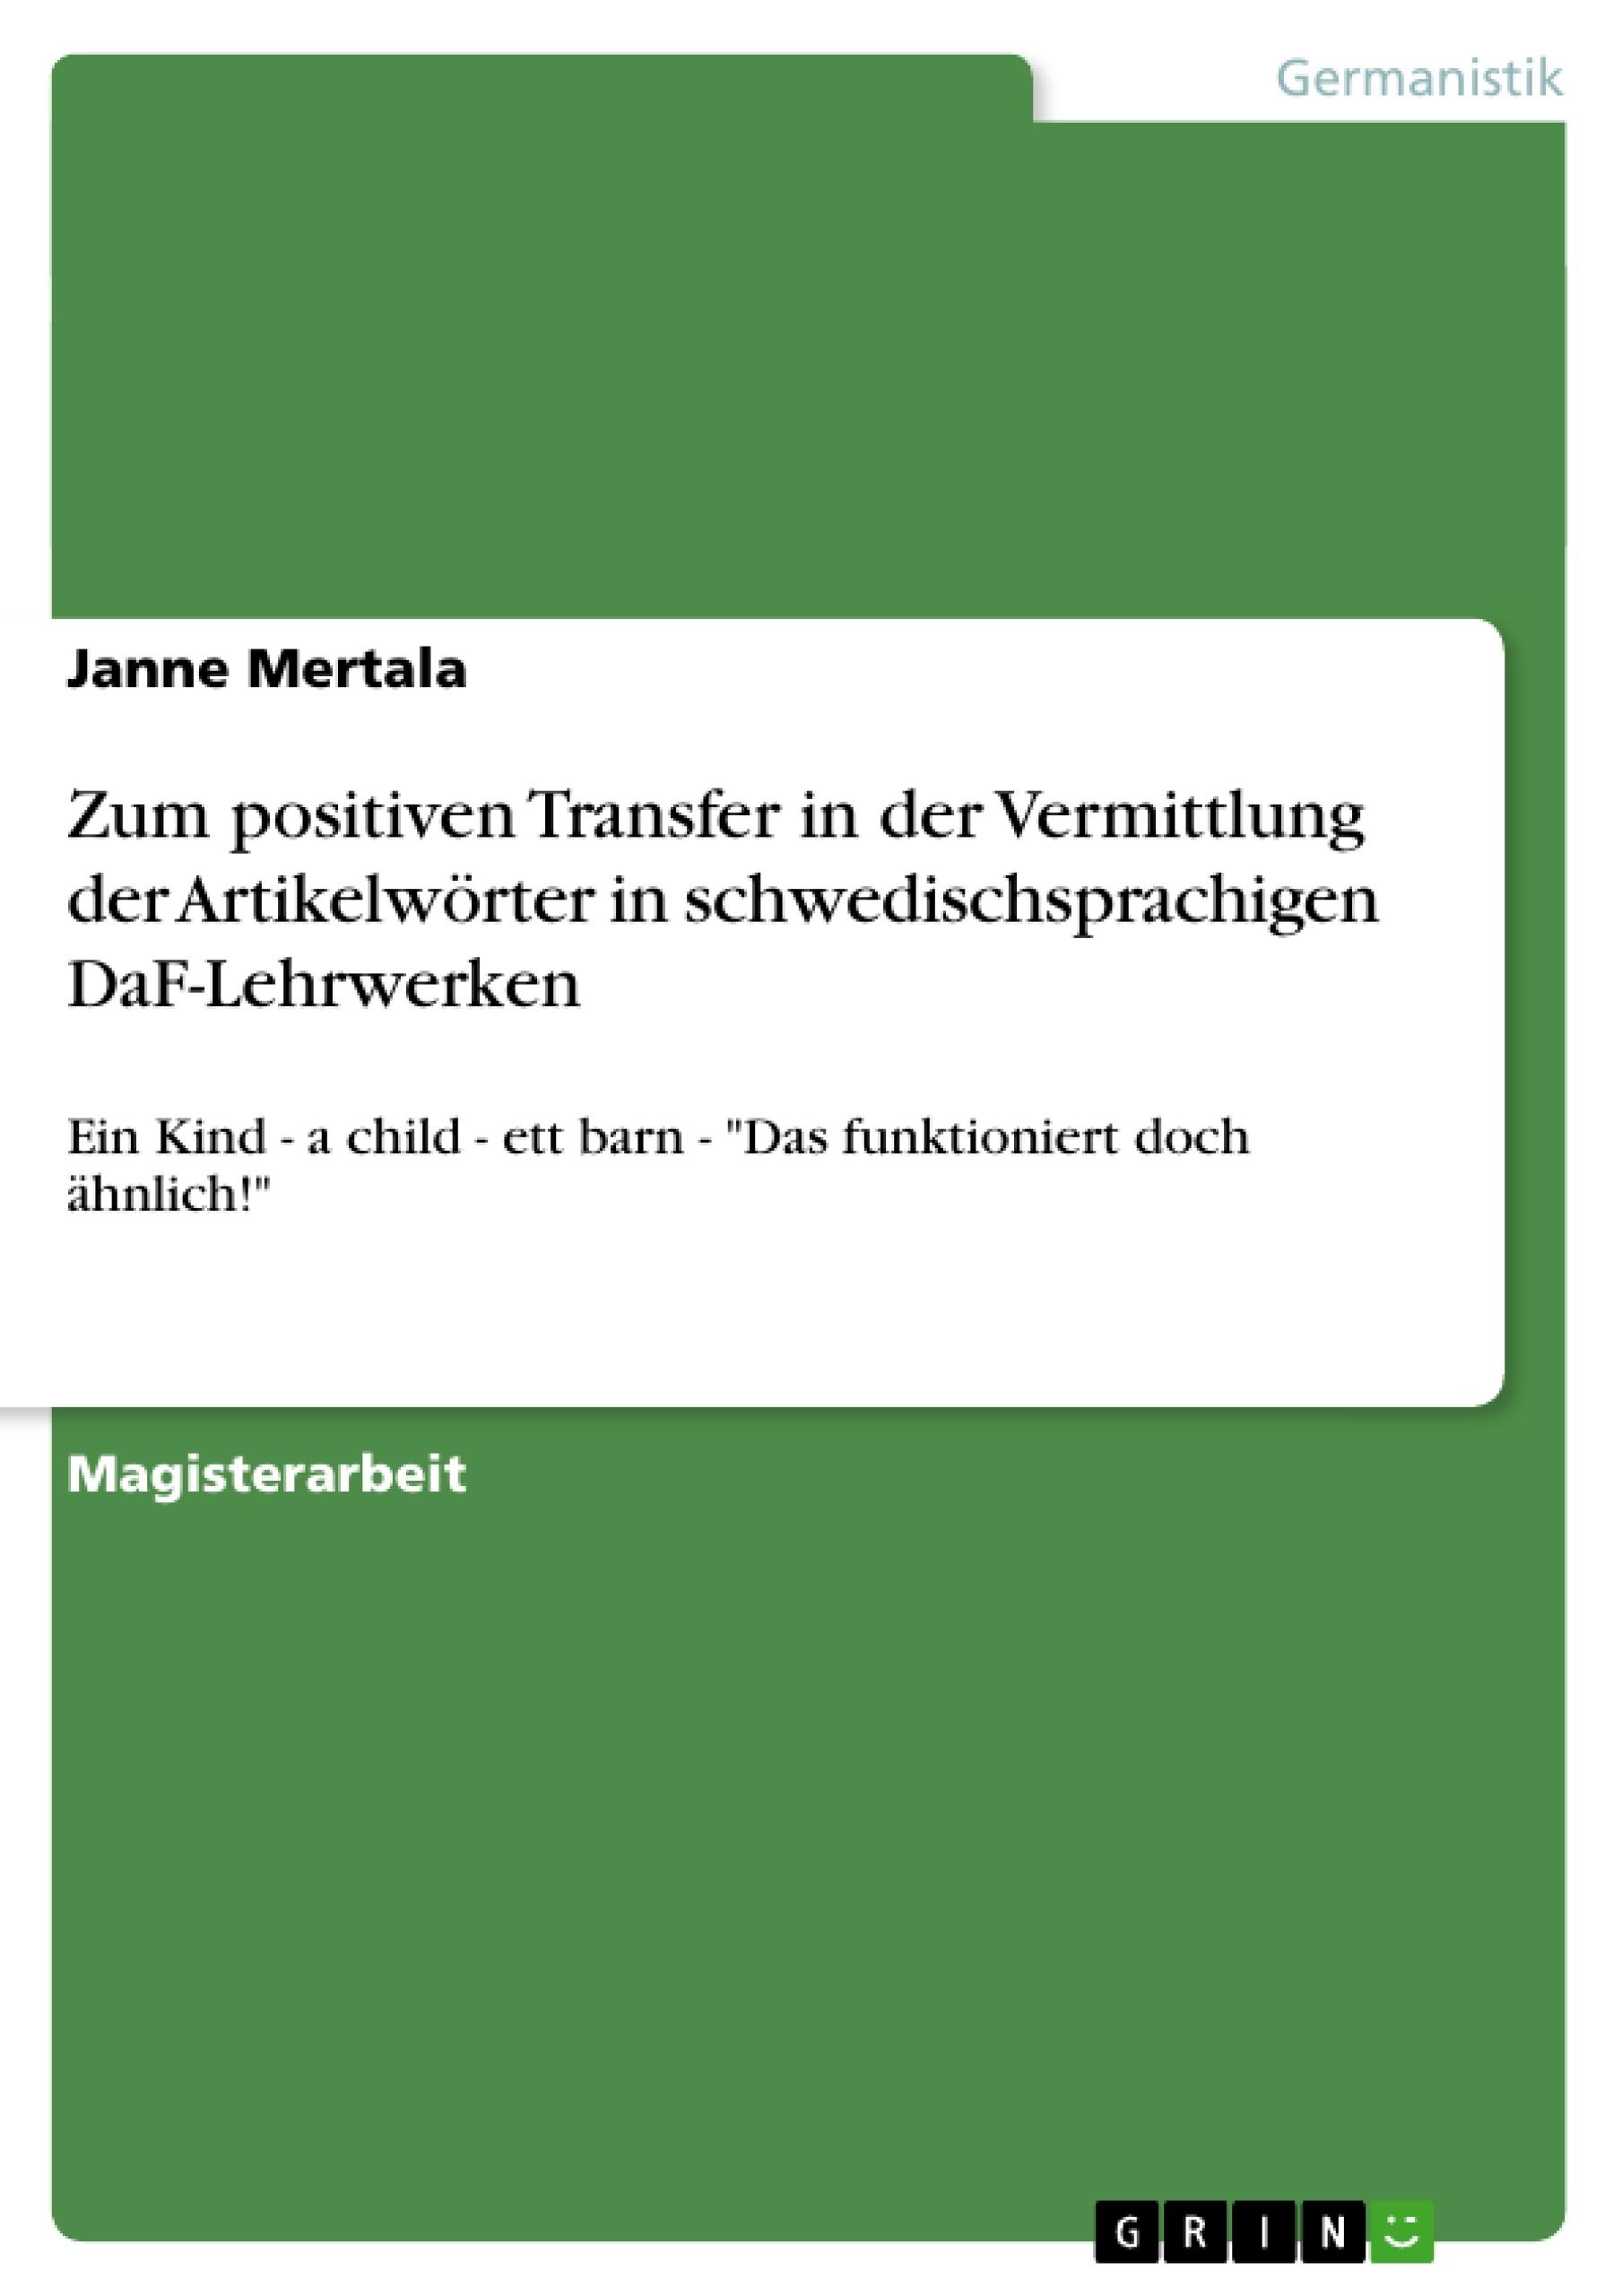 Titel: Zum positiven Transfer in der Vermittlung der Artikelwörter in schwedischsprachigen DaF-Lehrwerken